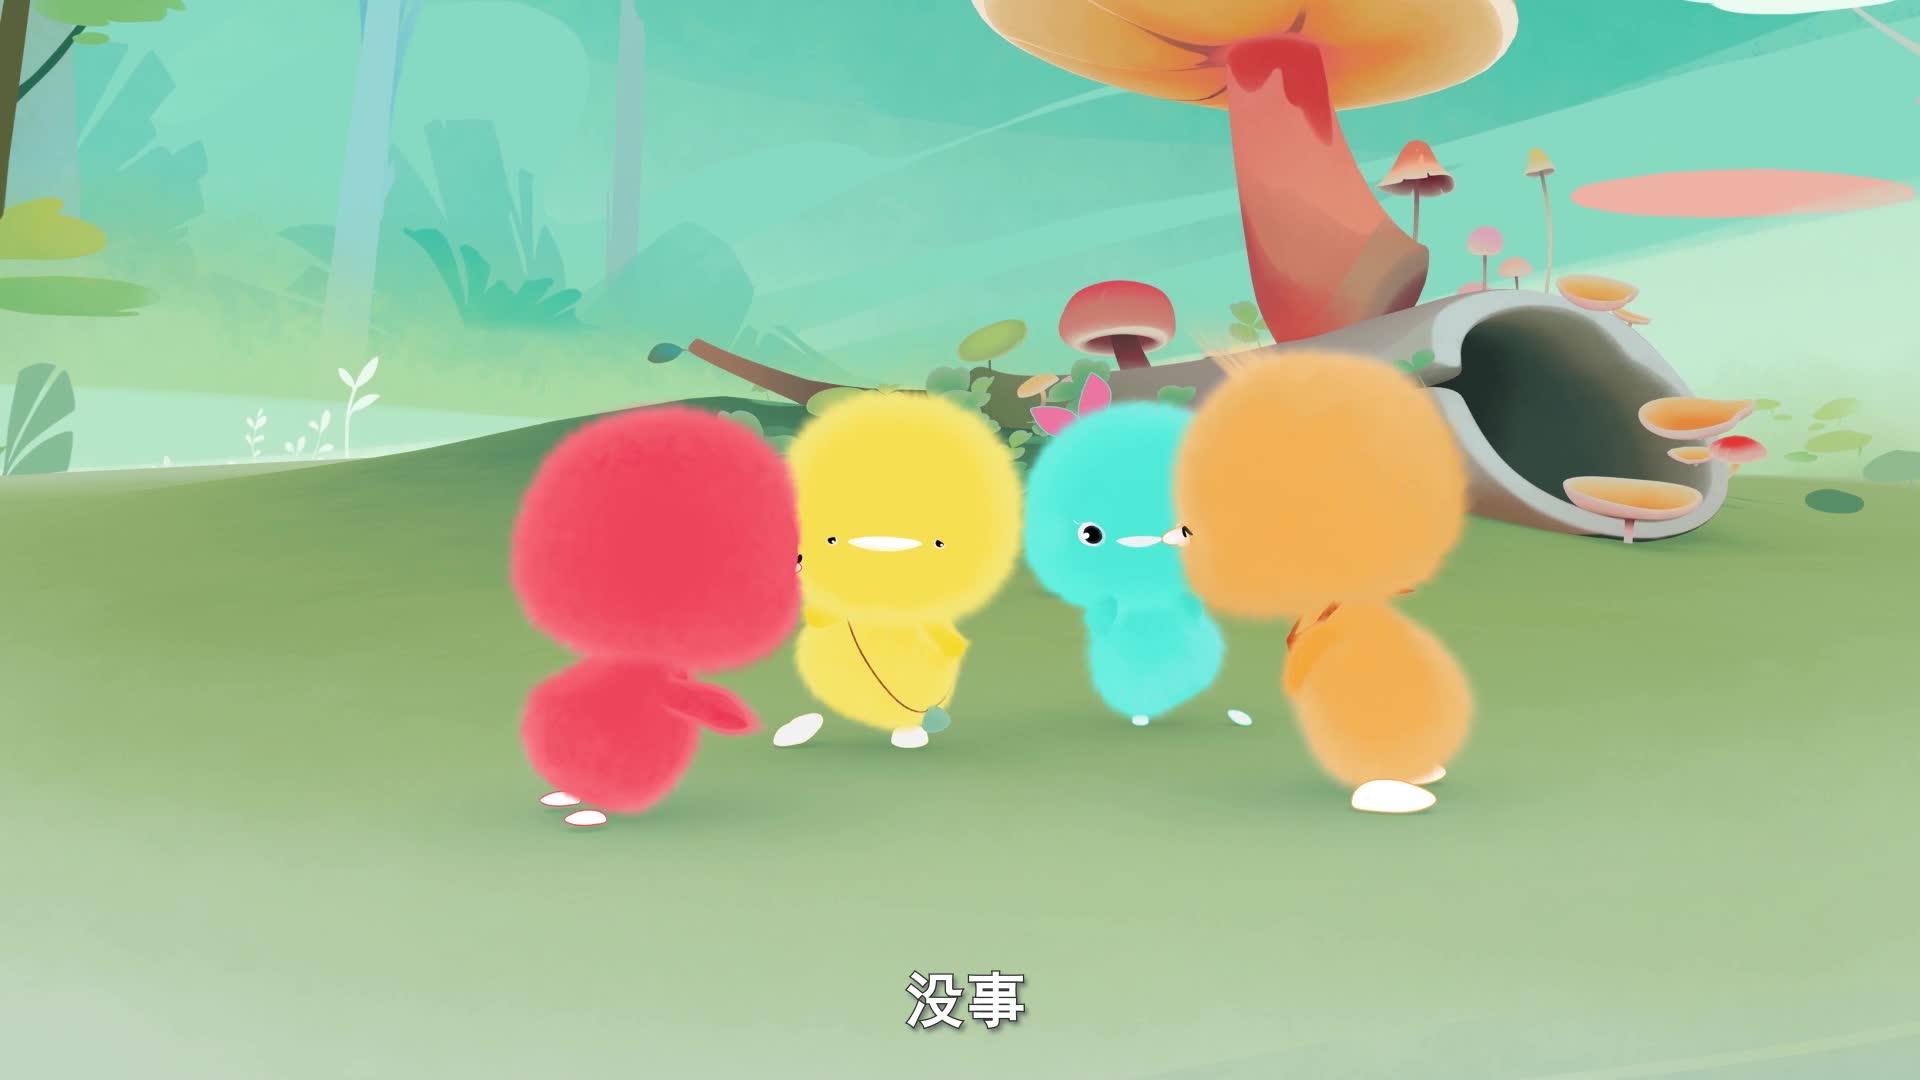 《小鸡彩虹》第八季 07好运在身边